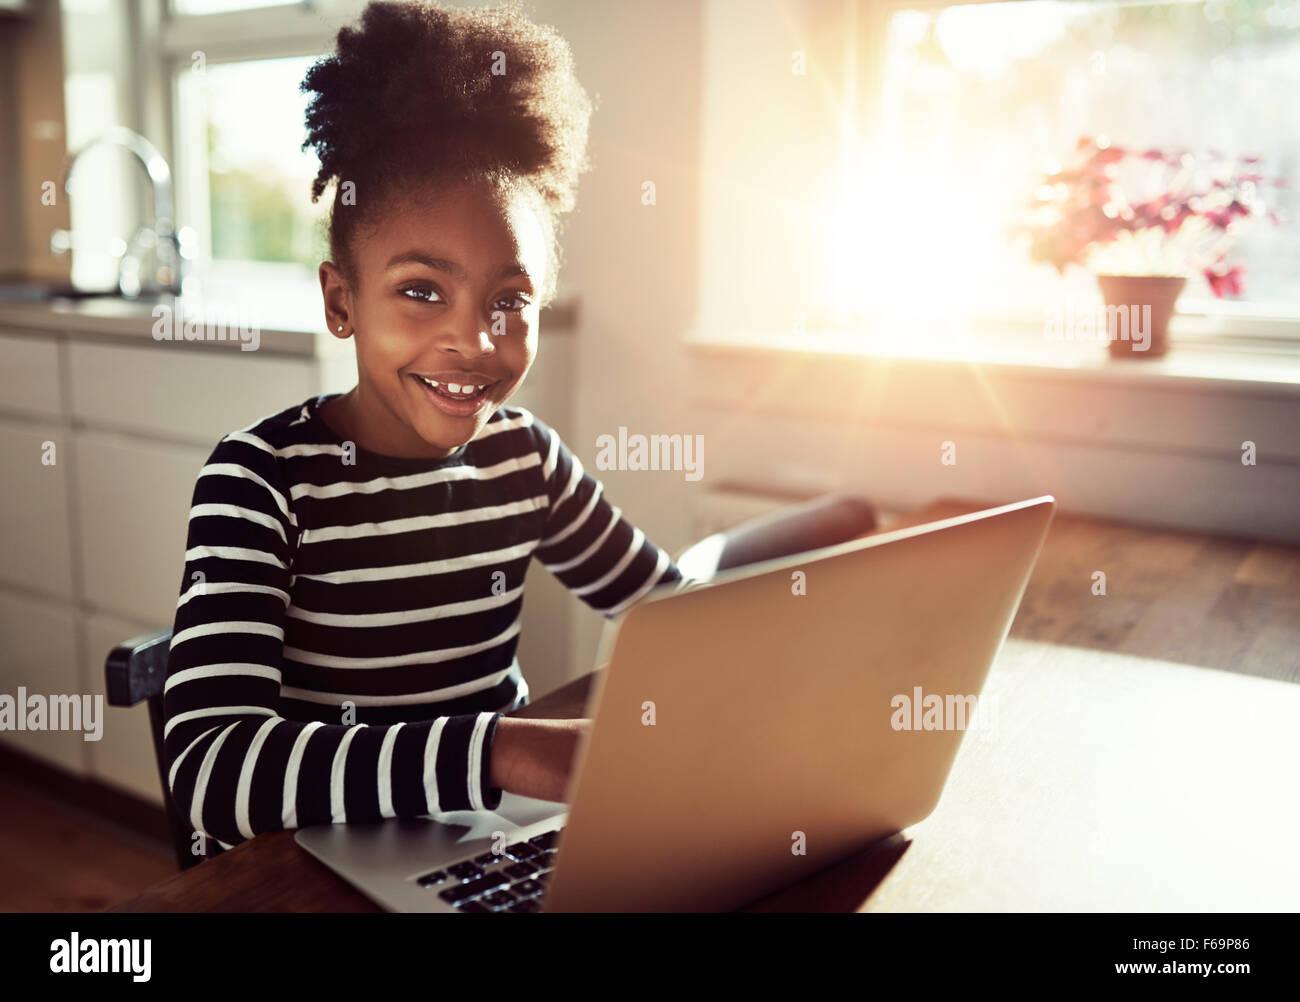 Lächelnd freundlichen jungen schwarzen afrikanischen Mädchen mit einem netten top Knot afro Frisur an Stockbild